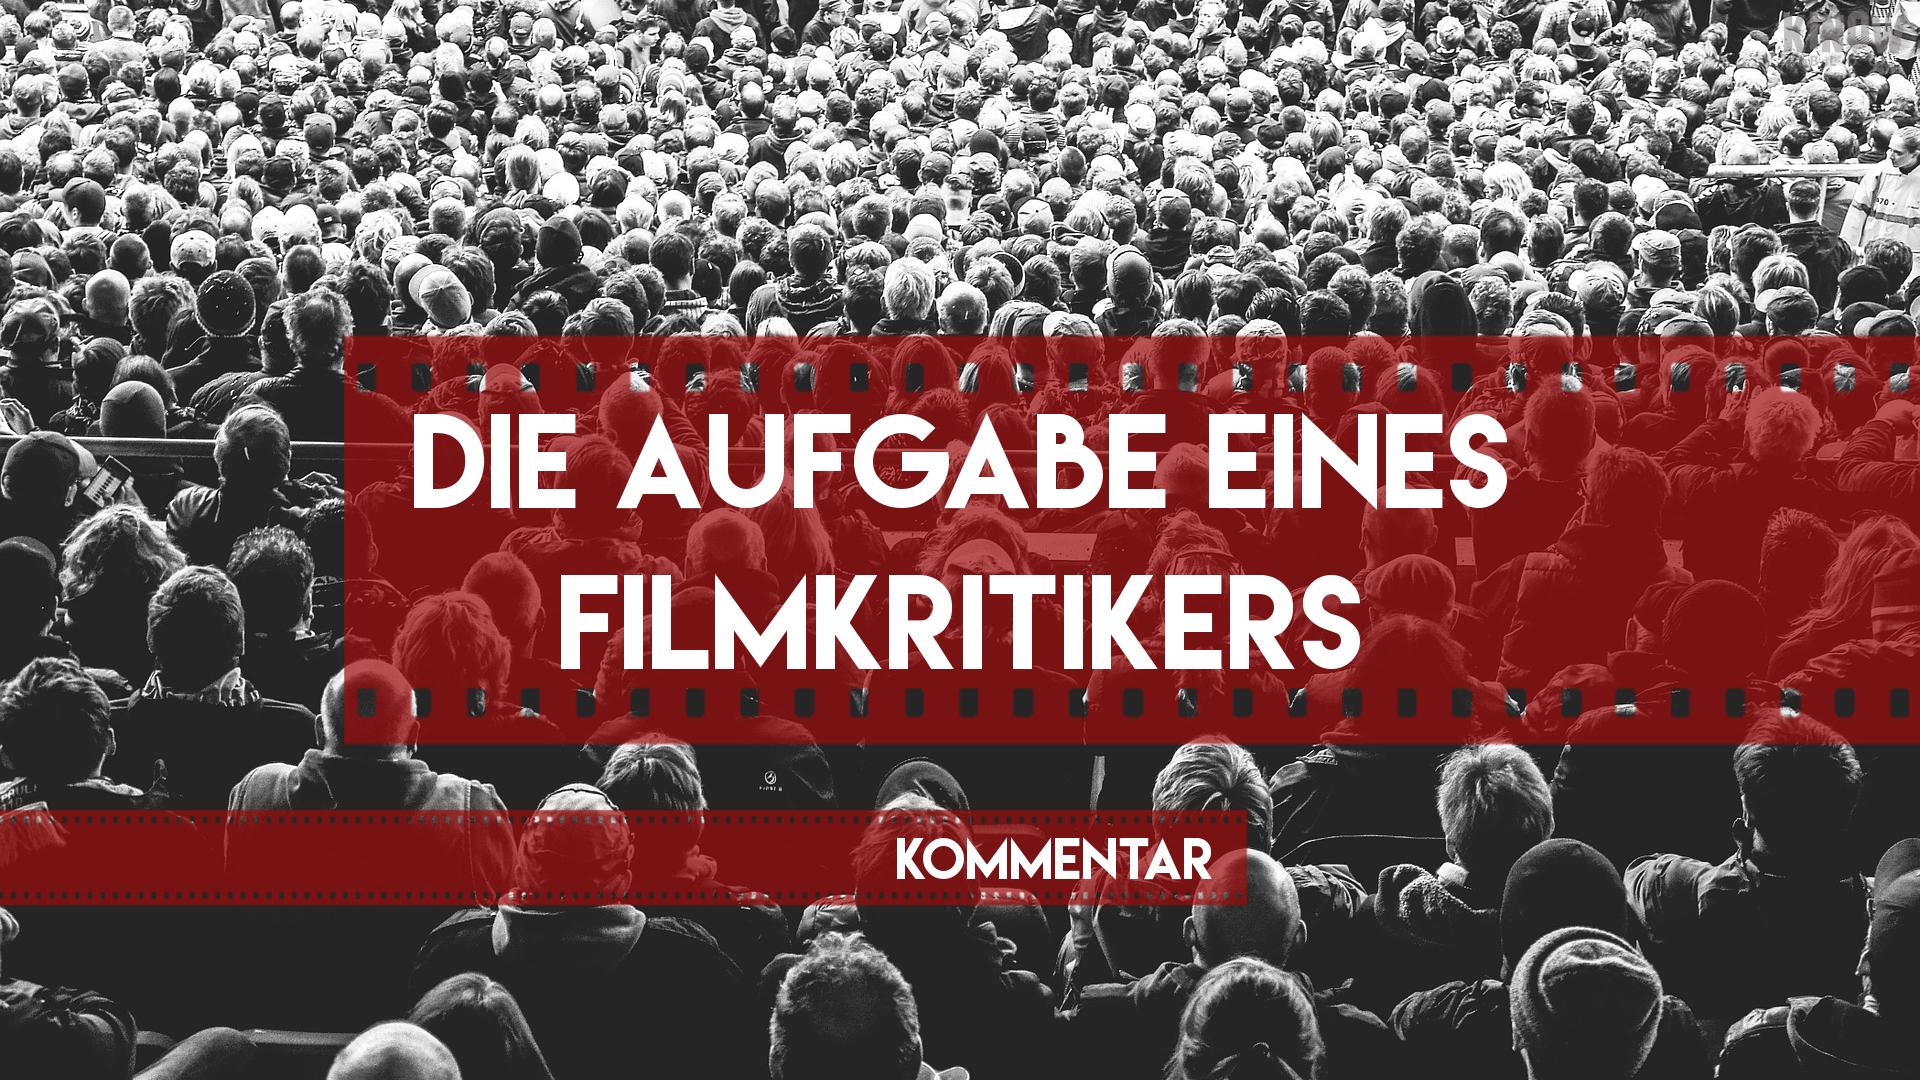 Filmkritiker sein